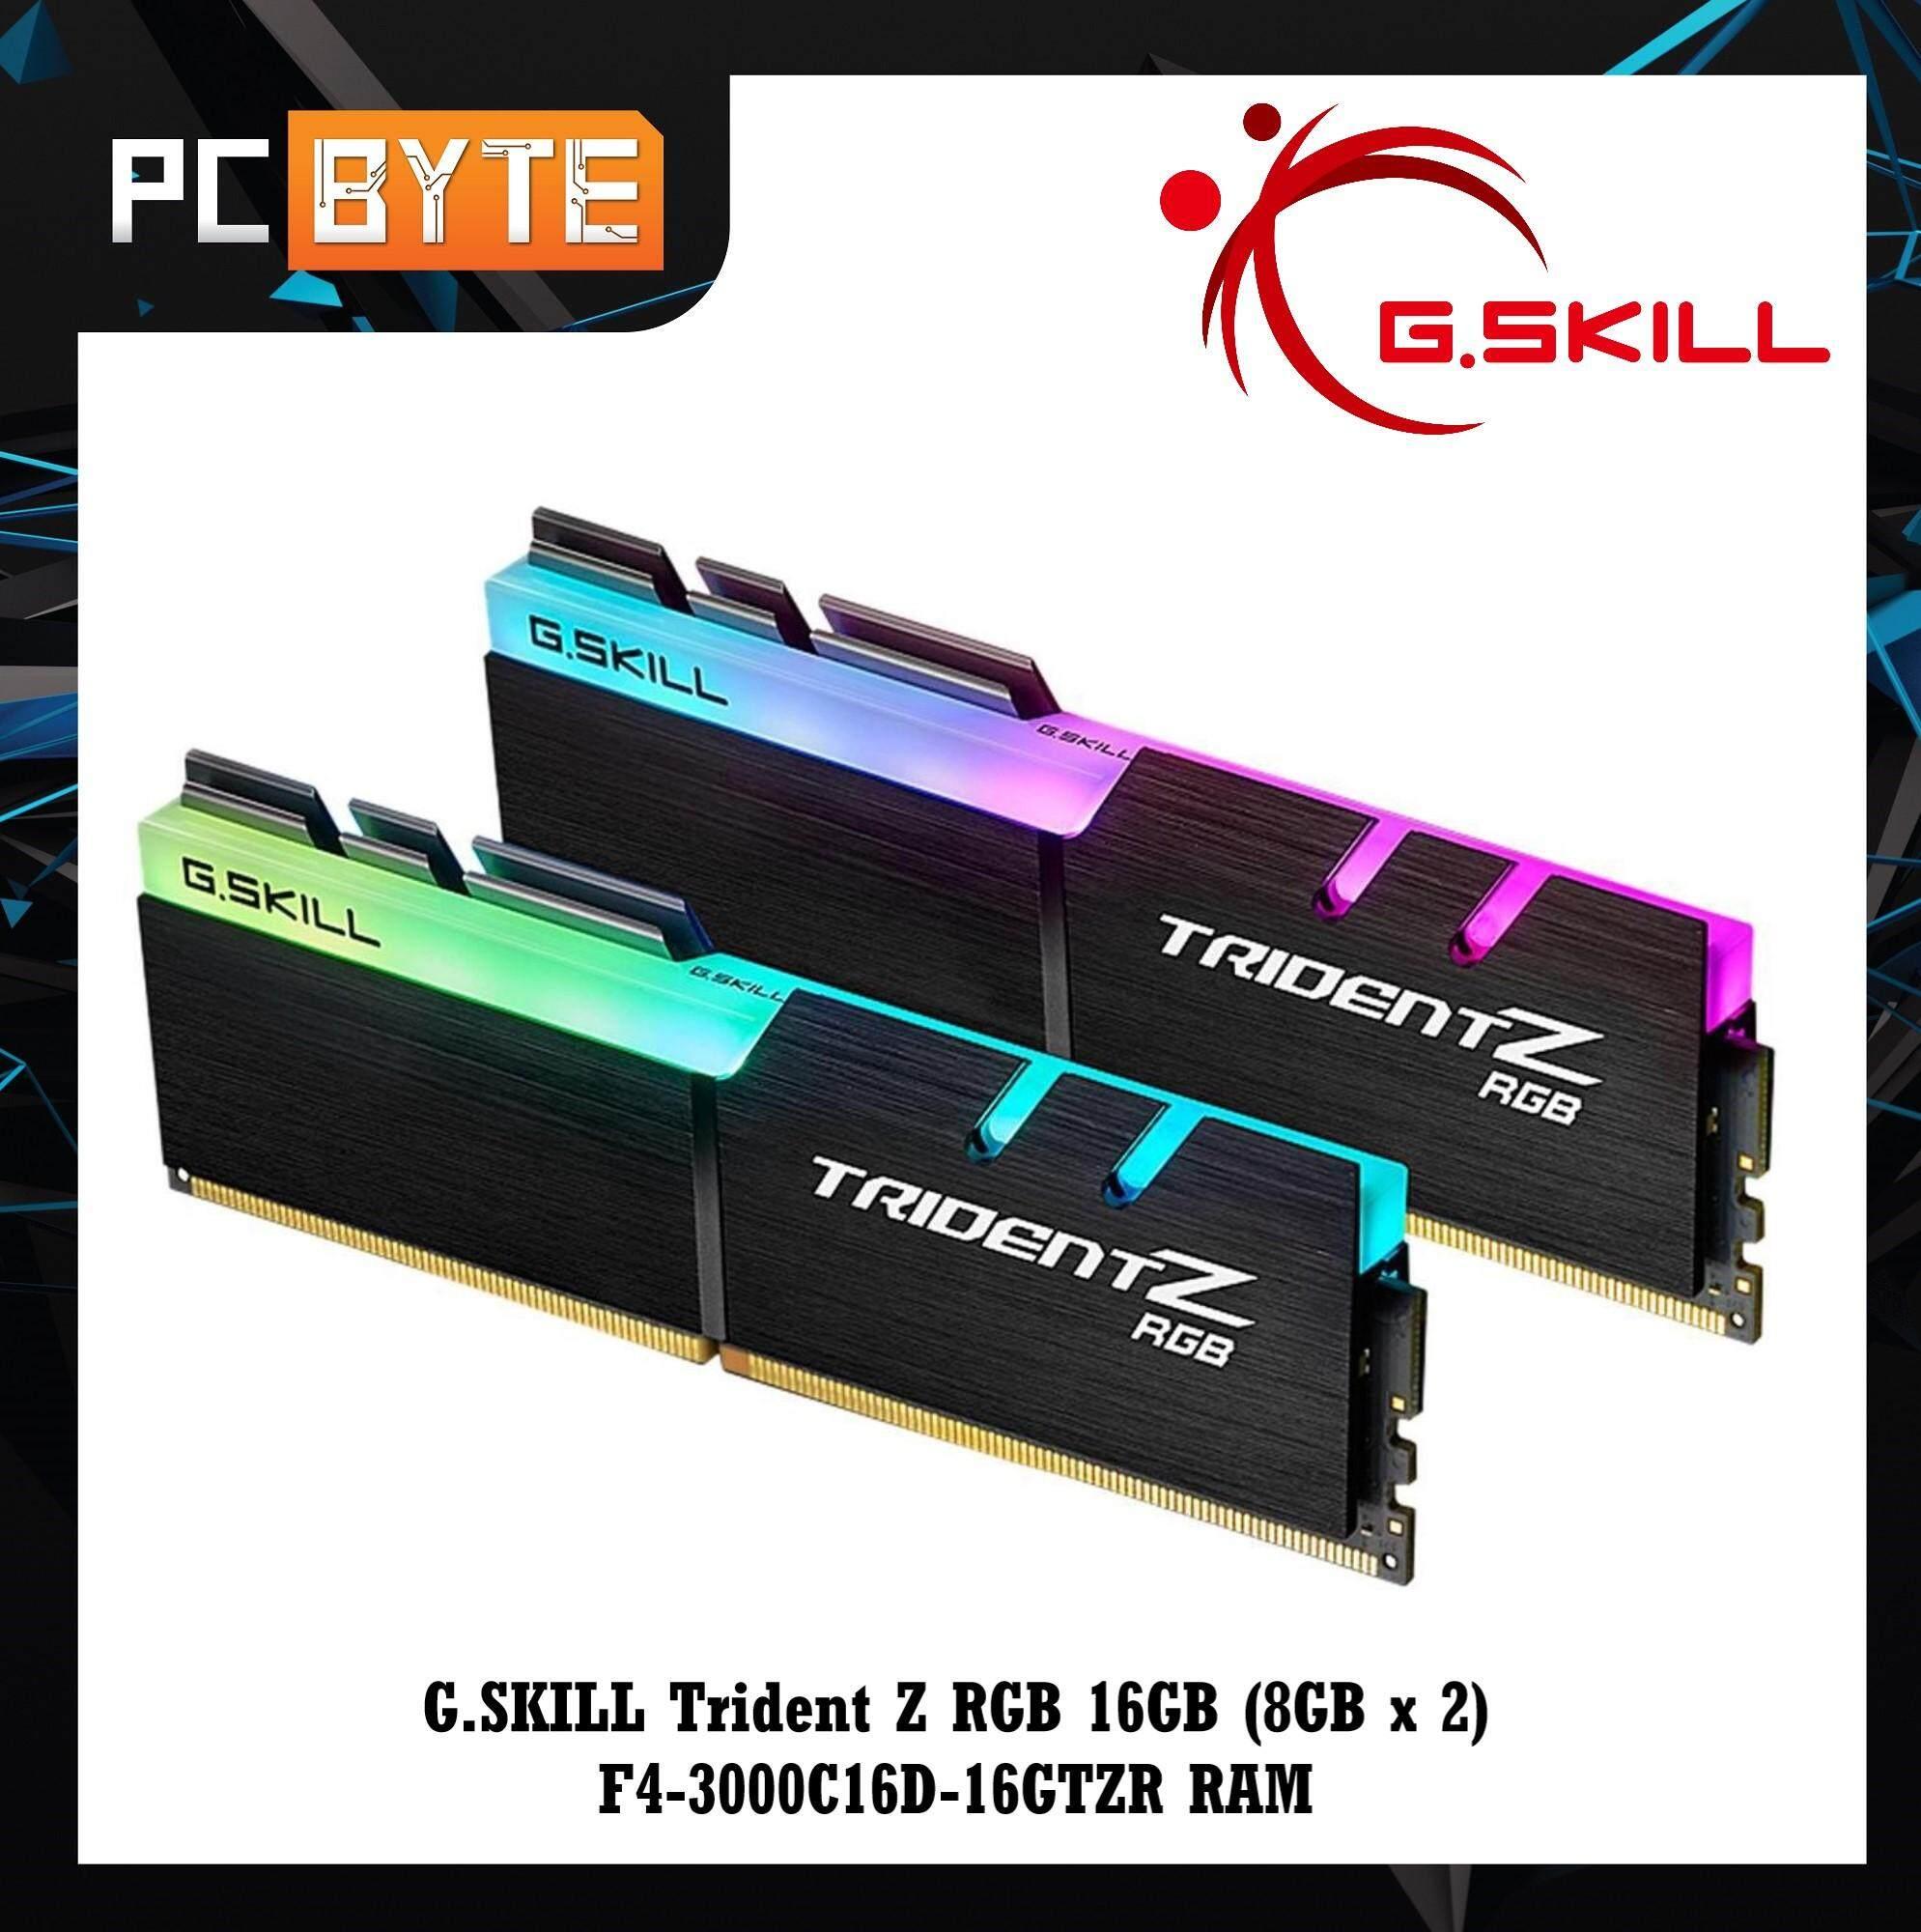 G SKILL Trident Z RGB 16GB (8GB x 2) F4-3000C16D-16GTZR RAM